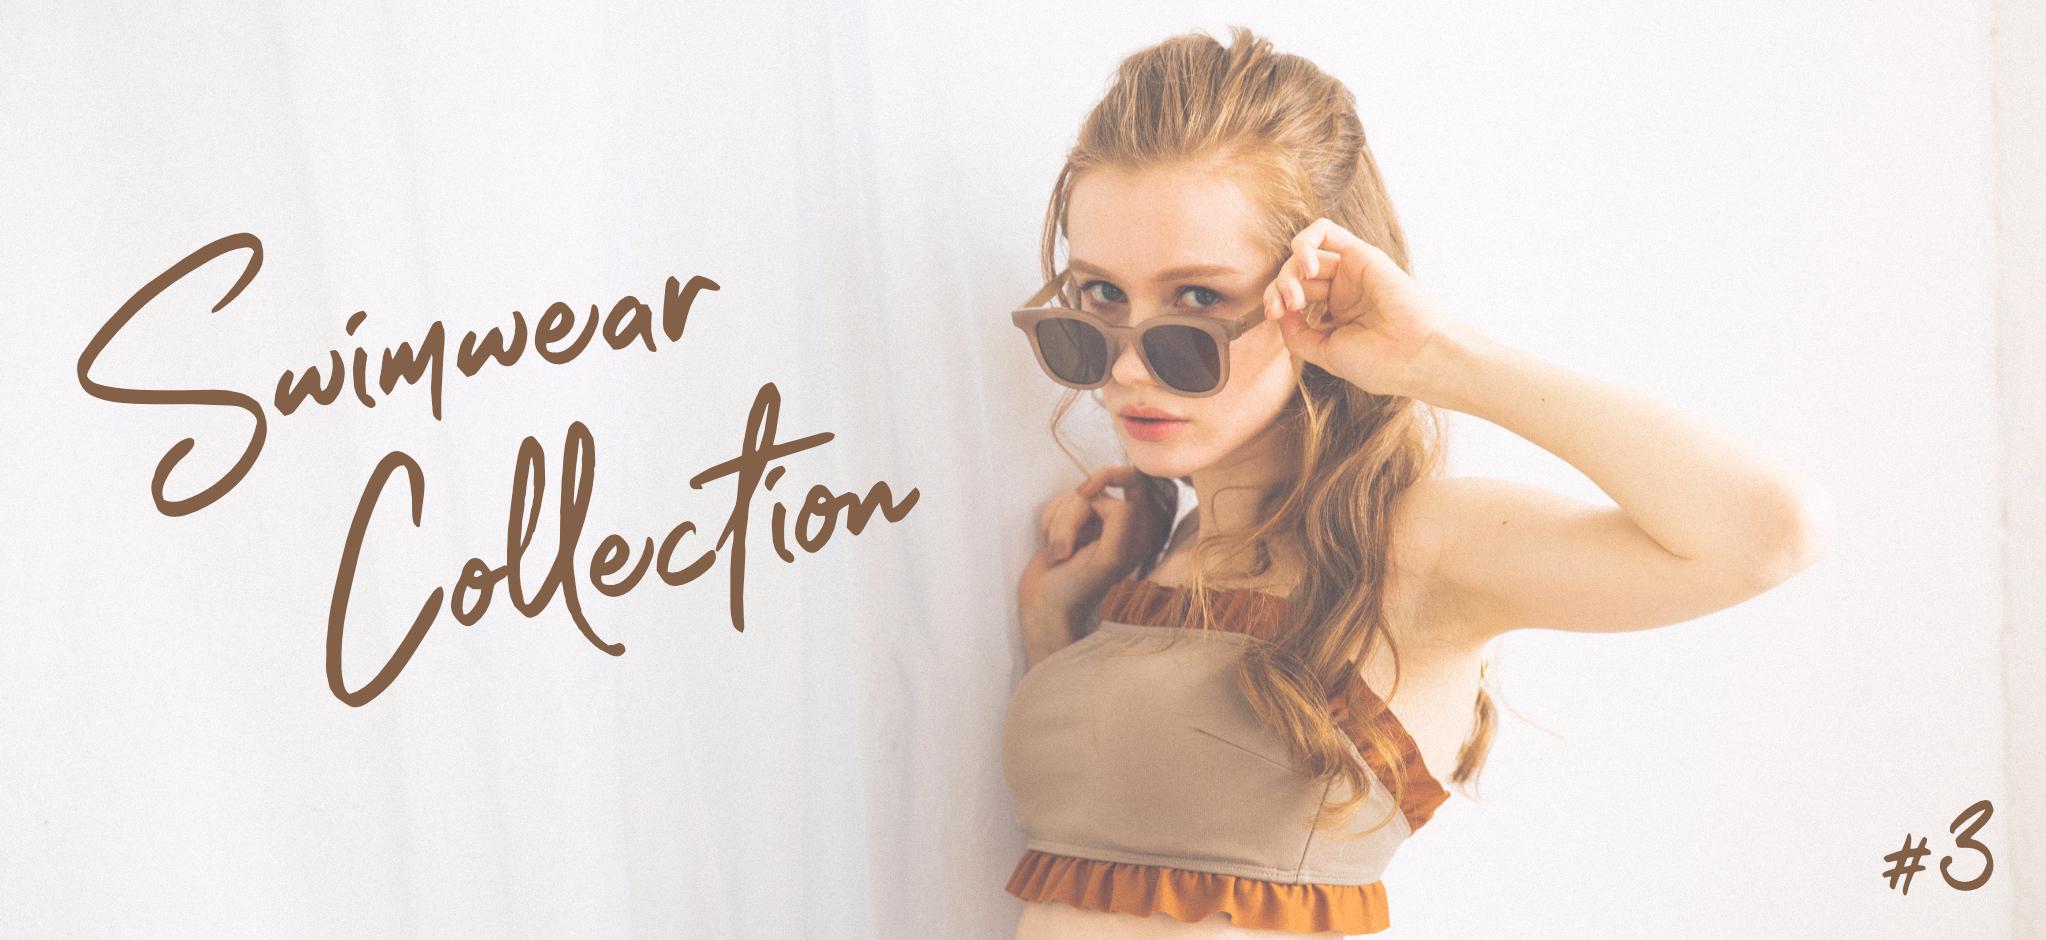 【Swimwear Collection】#3 周りと差のつくデザインスイムウェア特集